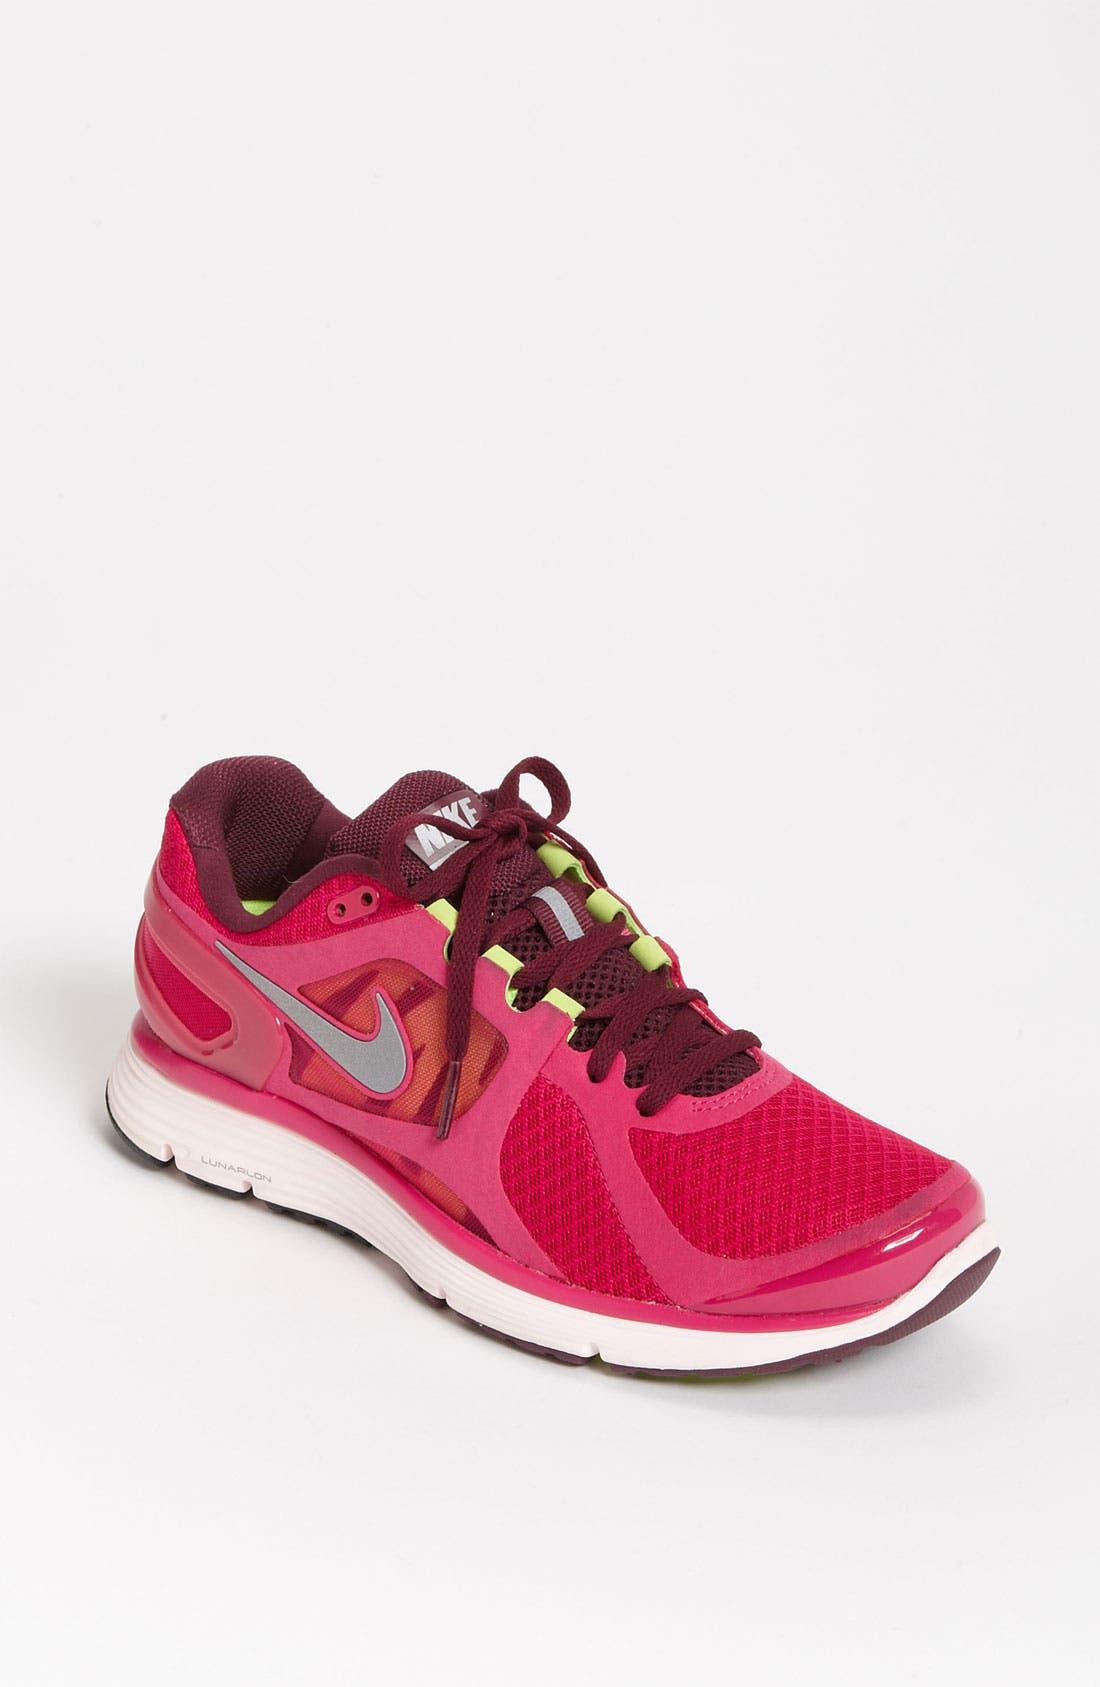 Main Image - Nike 'LunarEclipse 2' Running Shoe (Women)